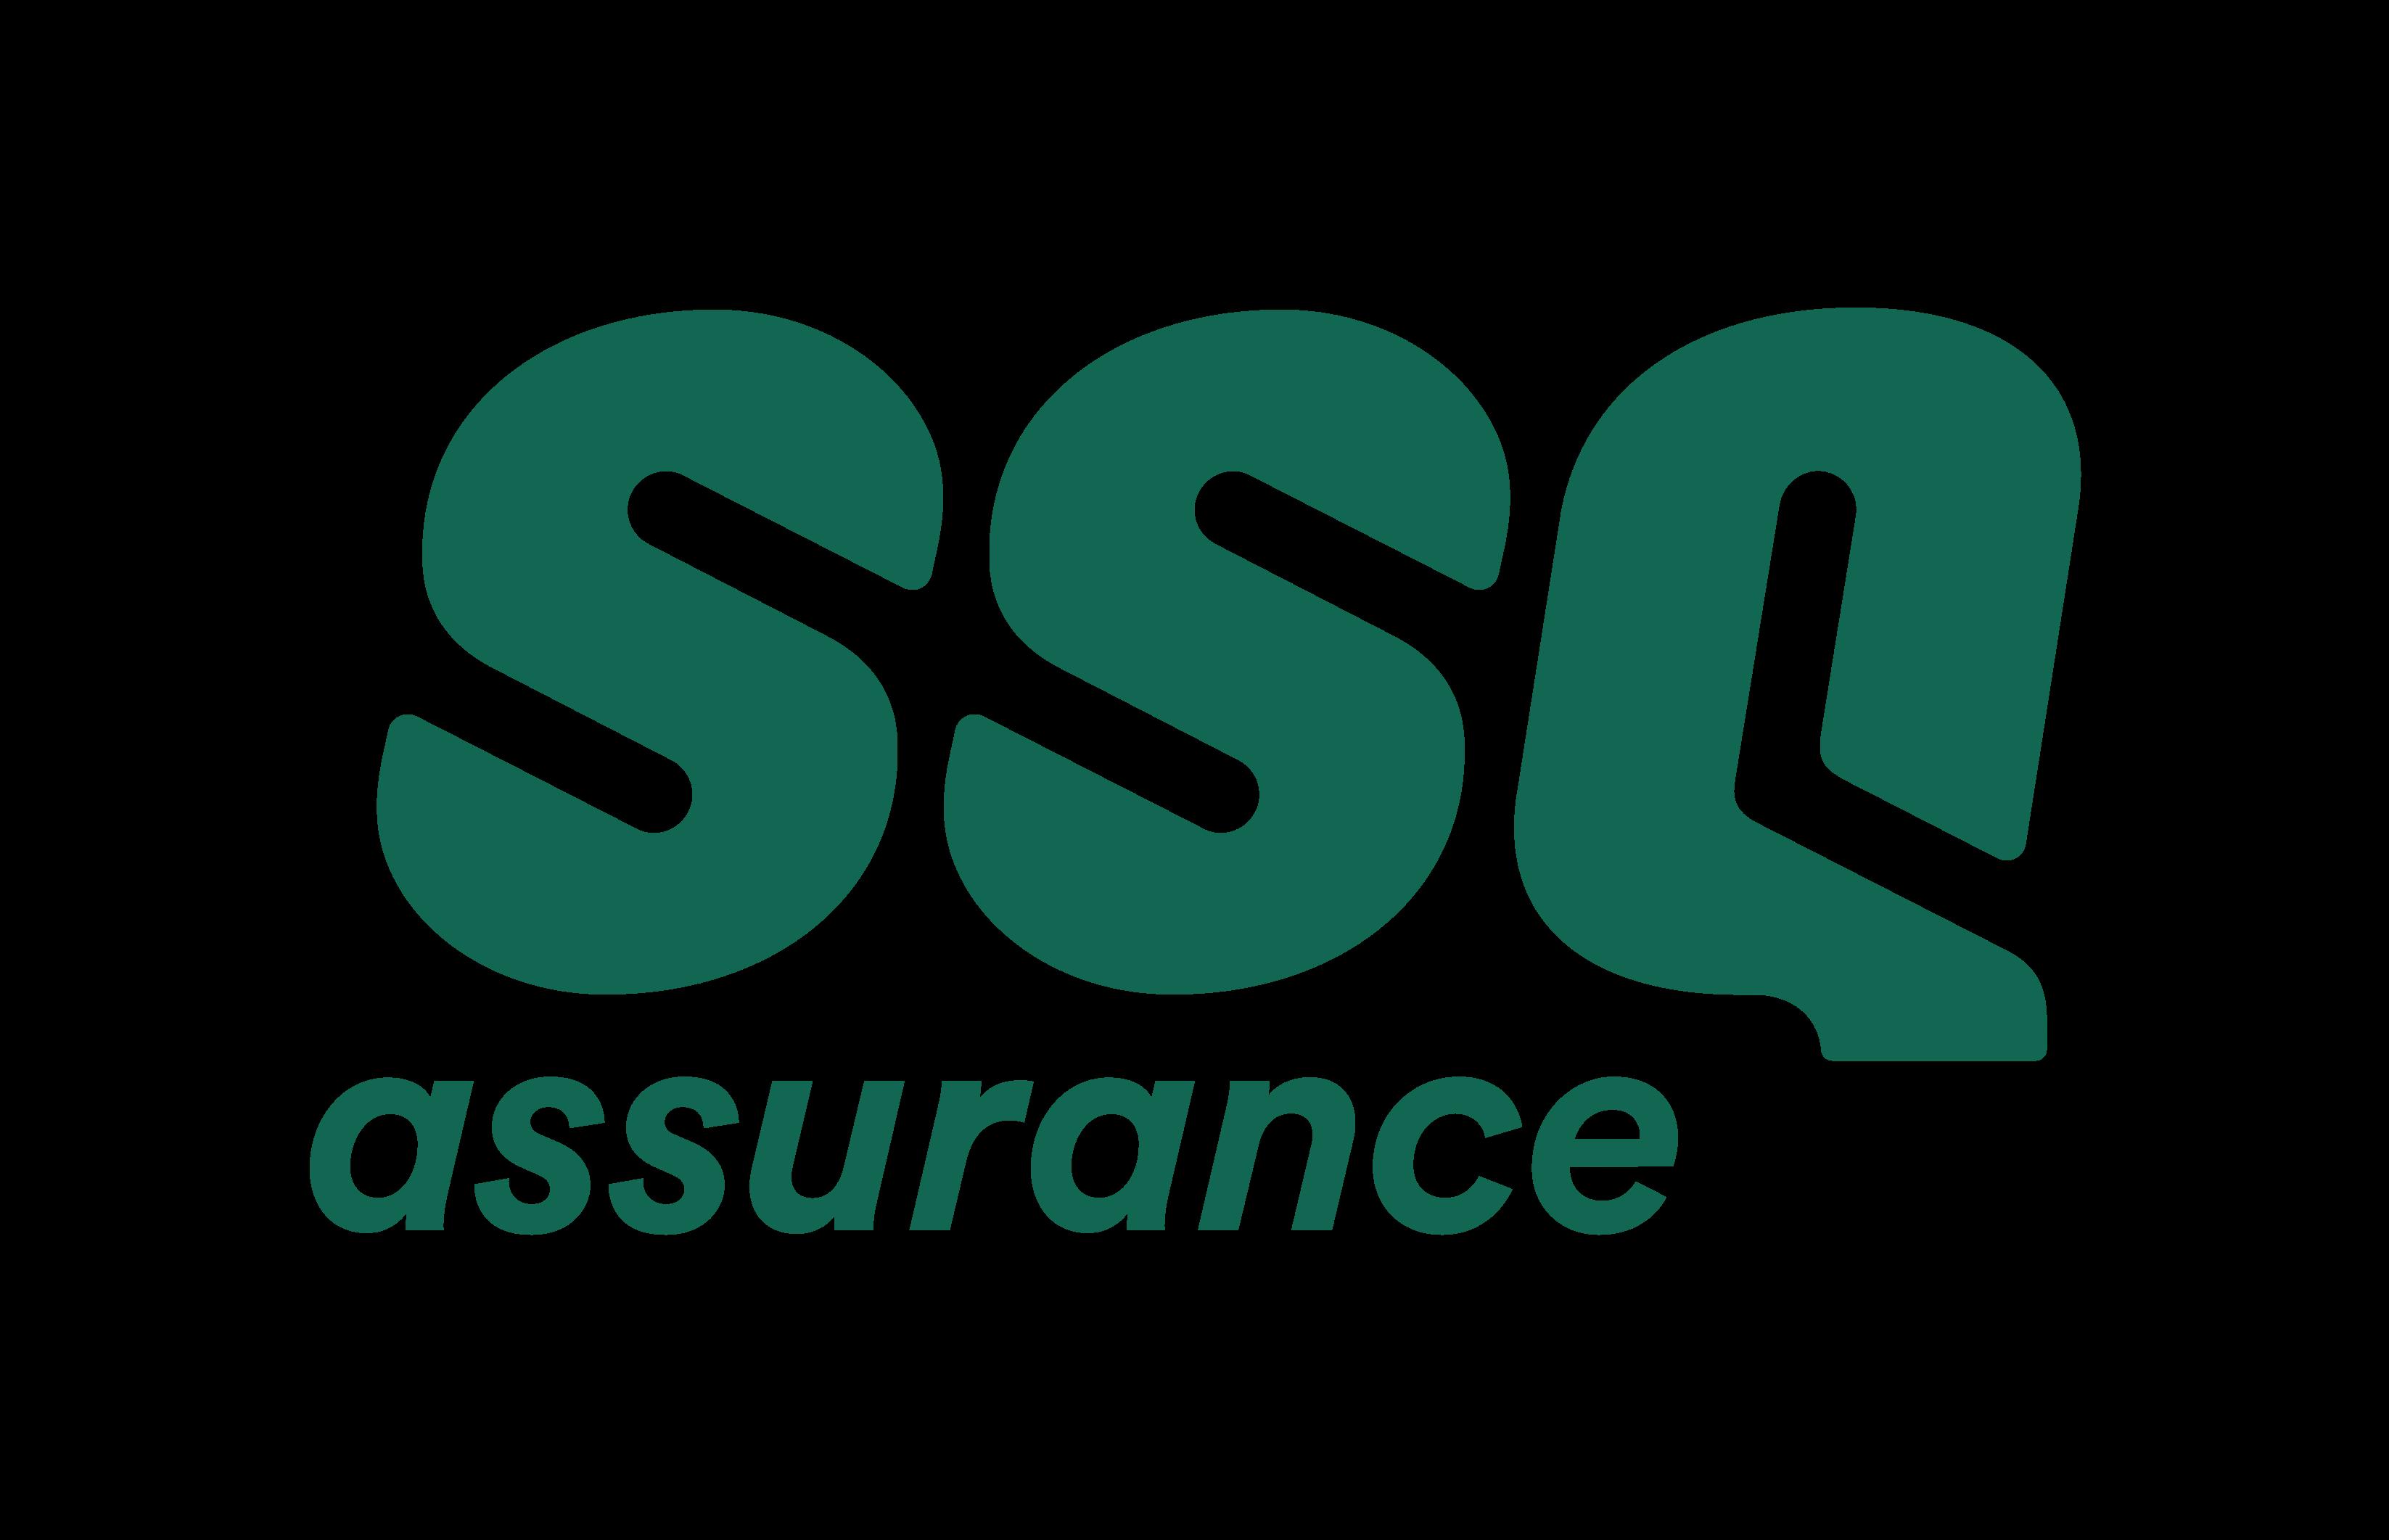 SSQ_assurance_Fr